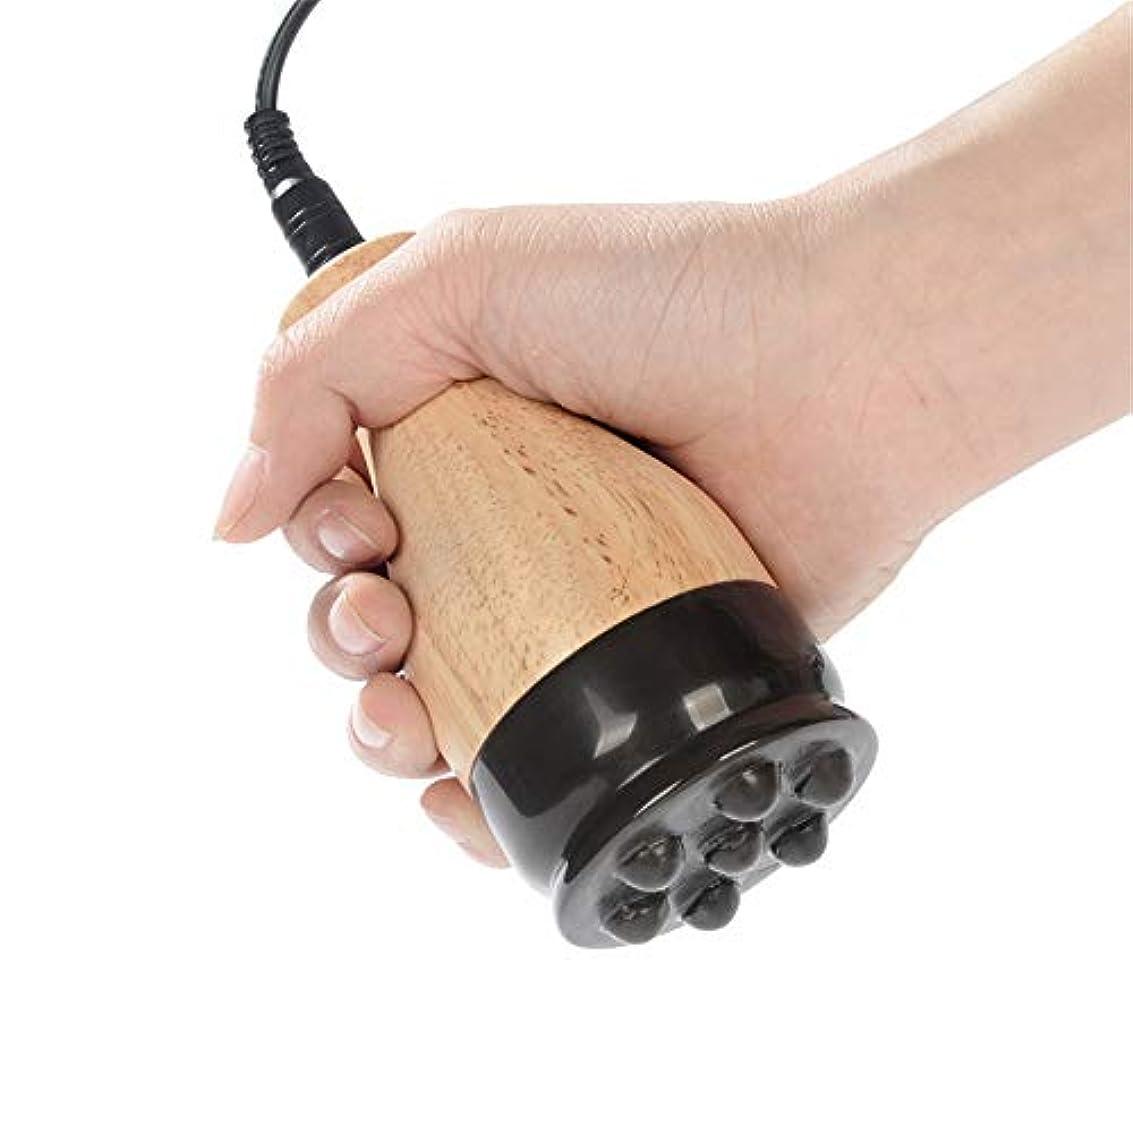 シロナガスクジラ野菜子電気こするカッピングボディマッサージャー、無煙Mタンク、石タンク針M、温M器具マッサージツール